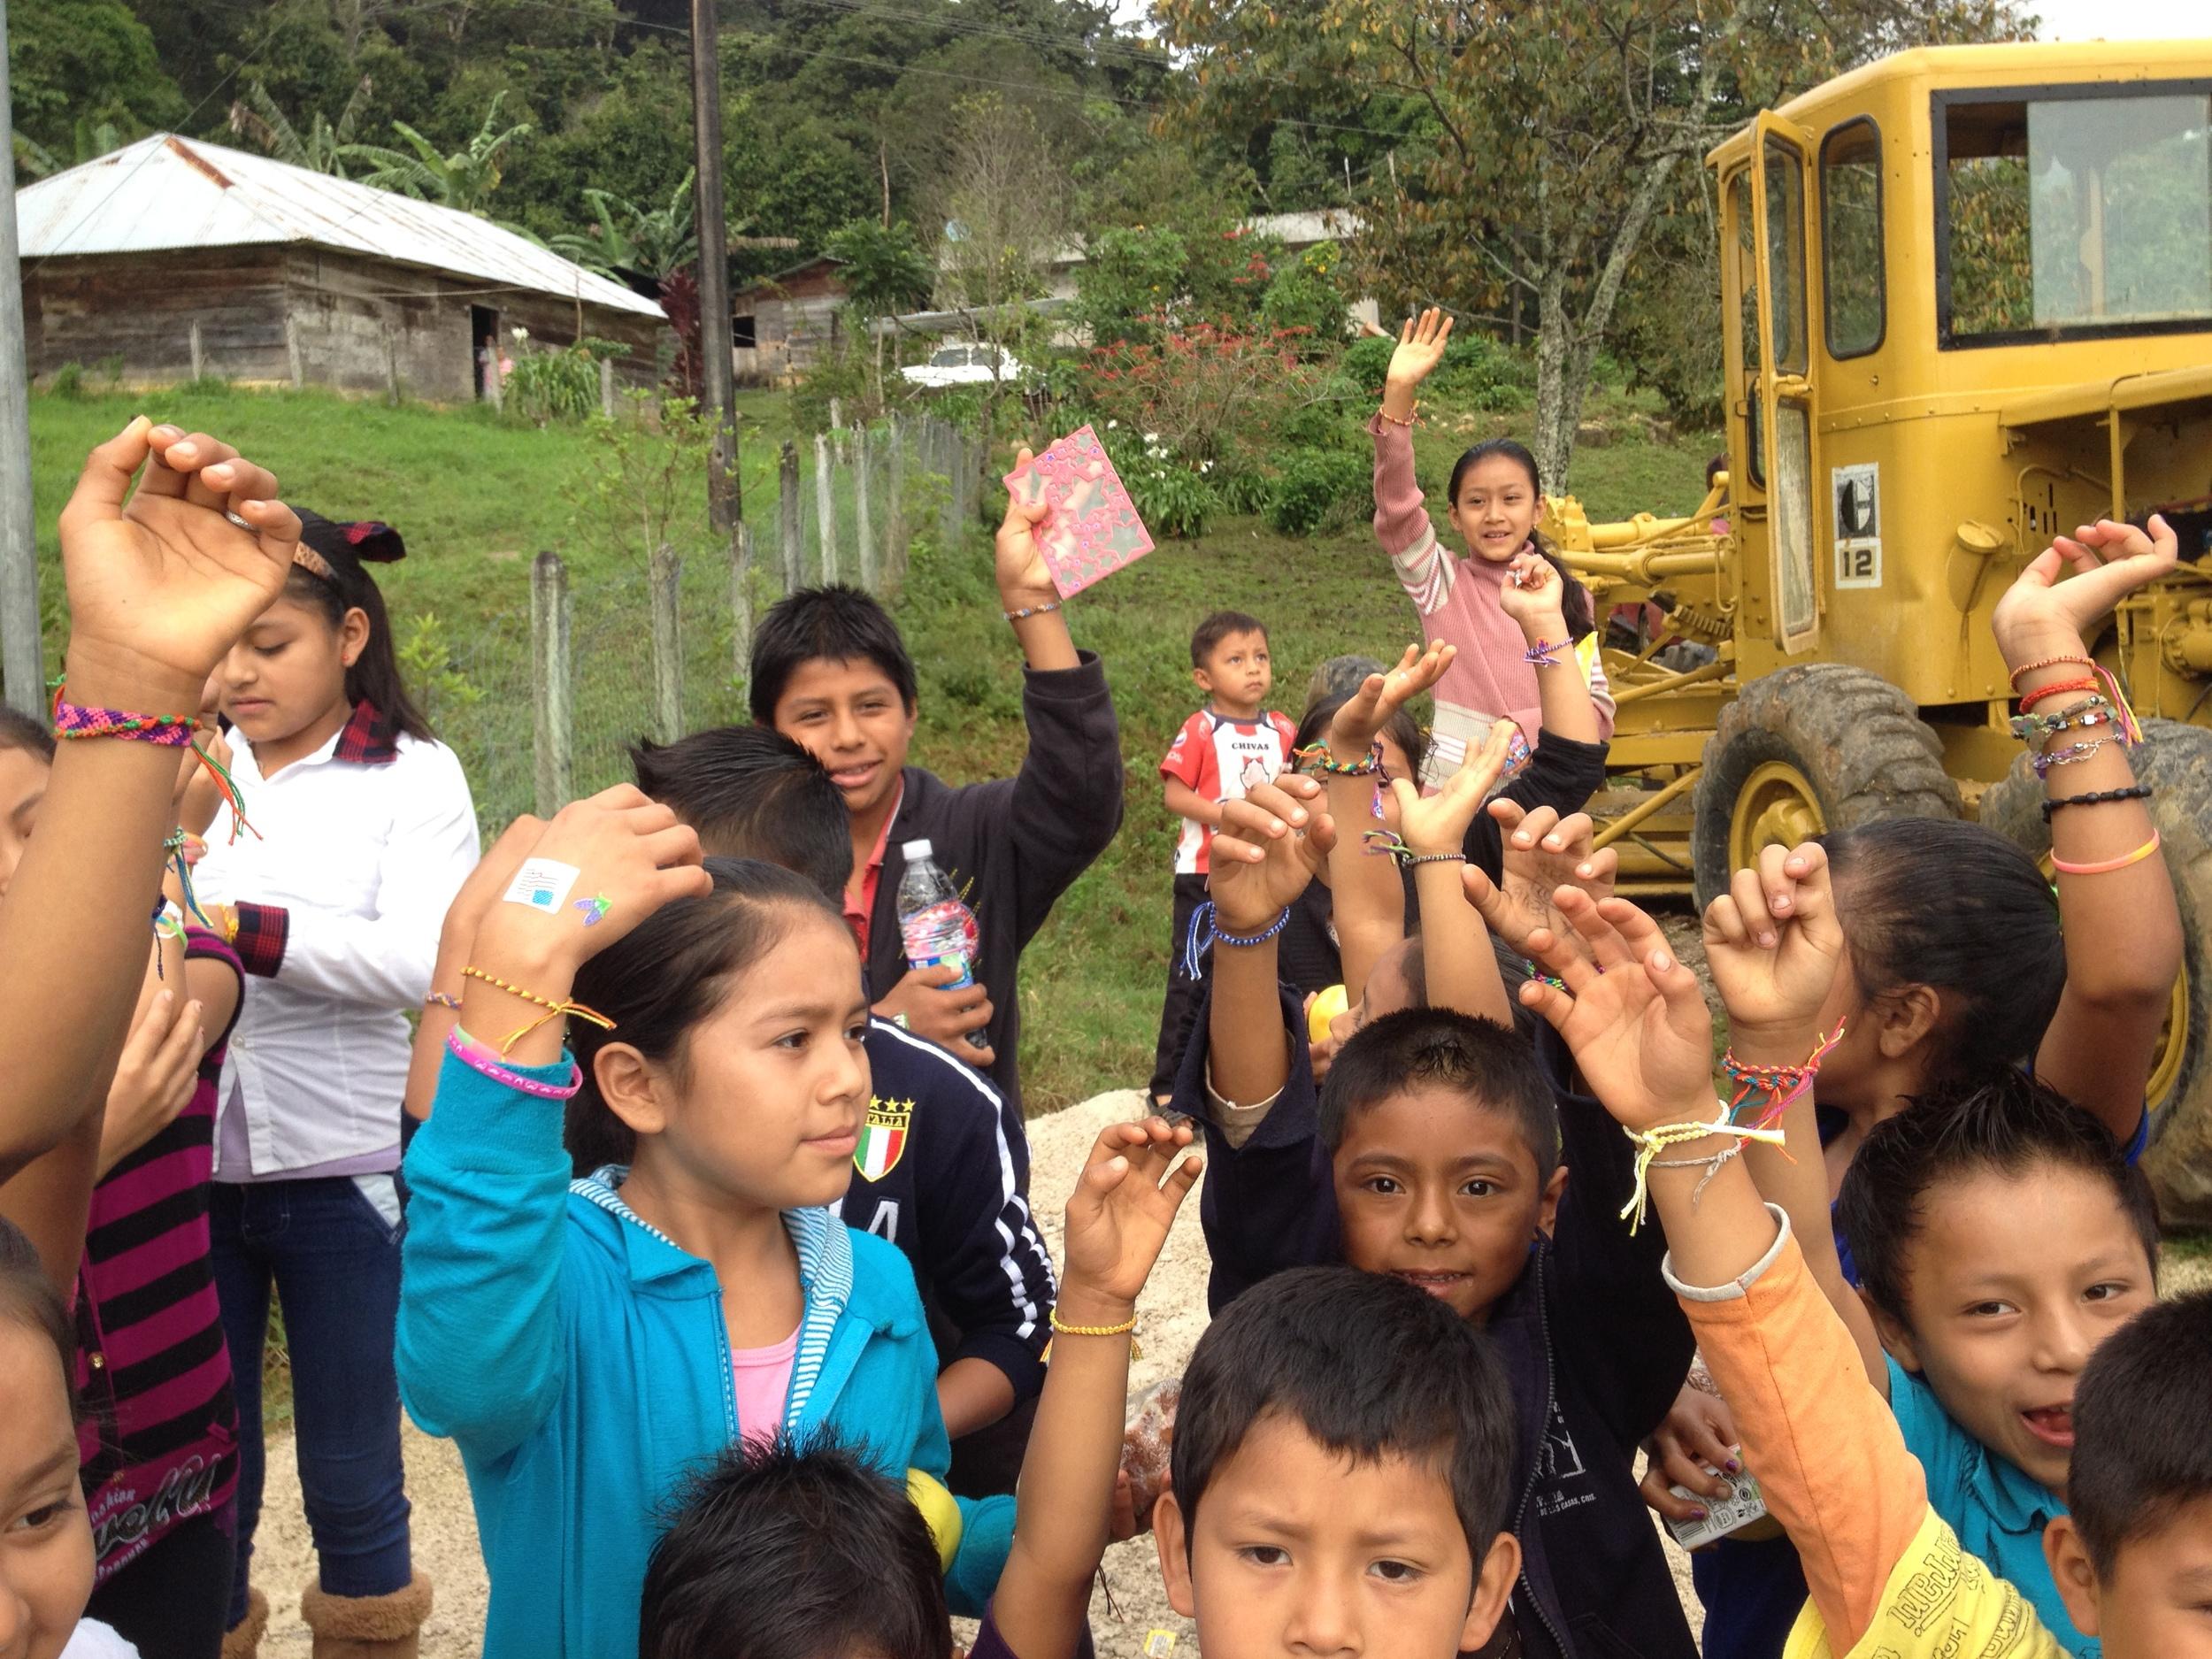 Friendship bracelets for the children